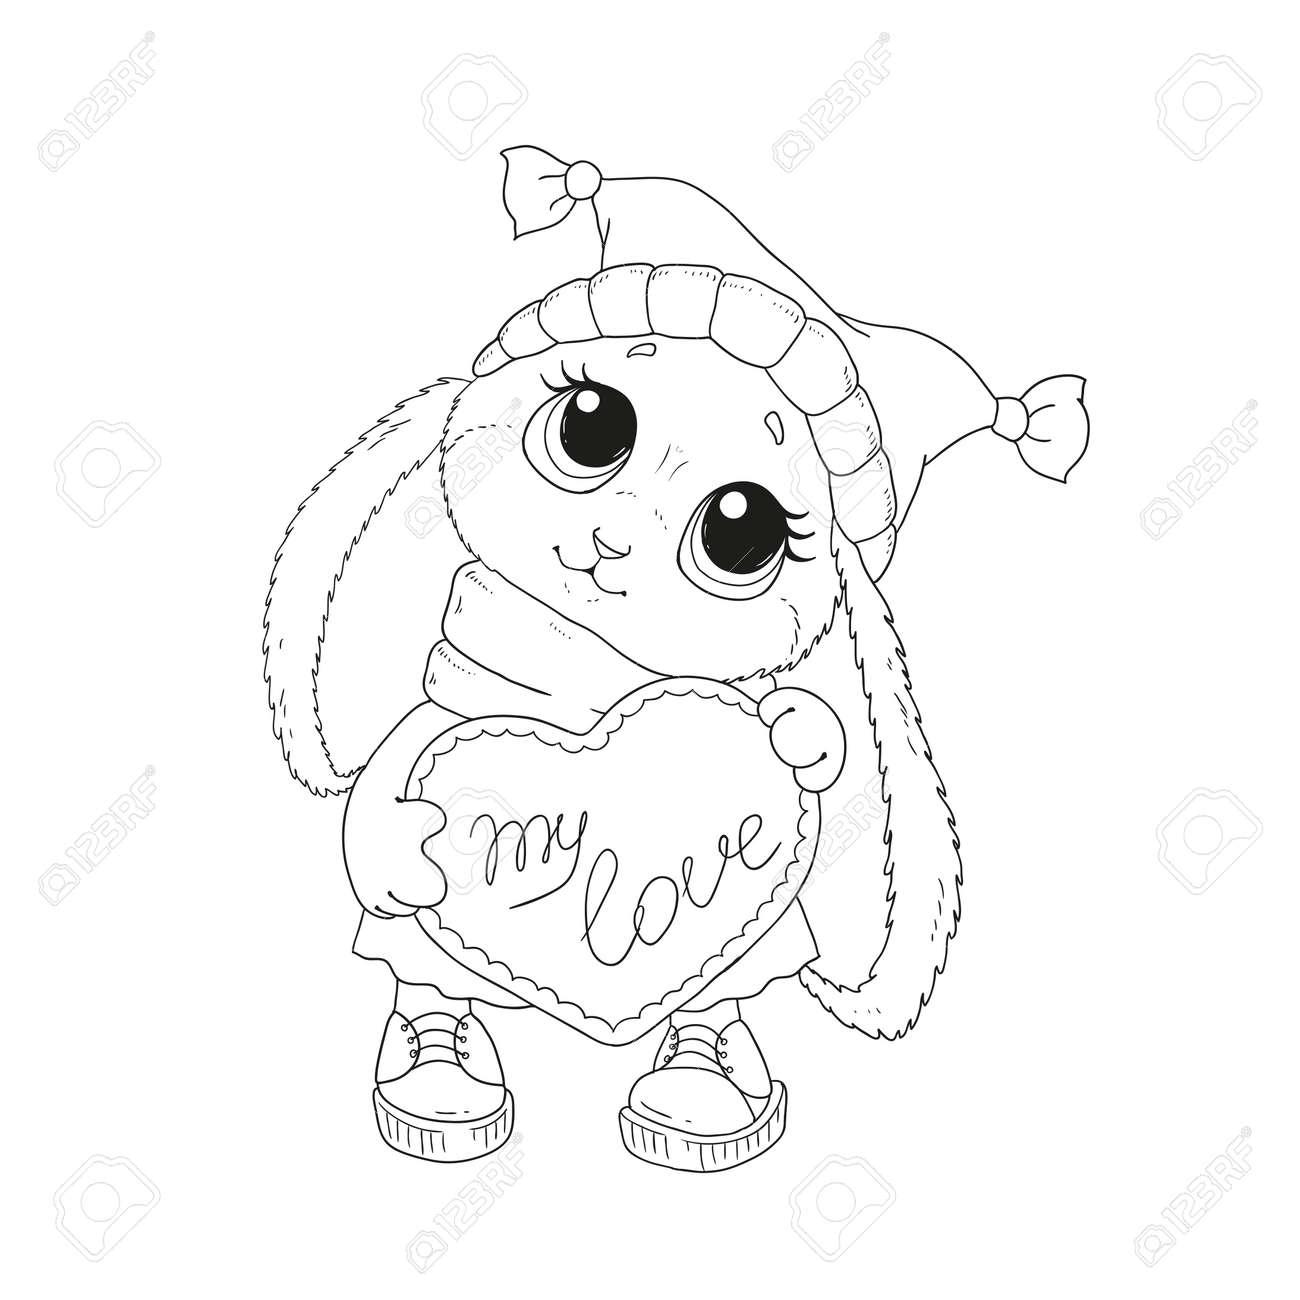 Encantador Conejito En Un Sombrero. Felicitaciones Por El Día De San ...